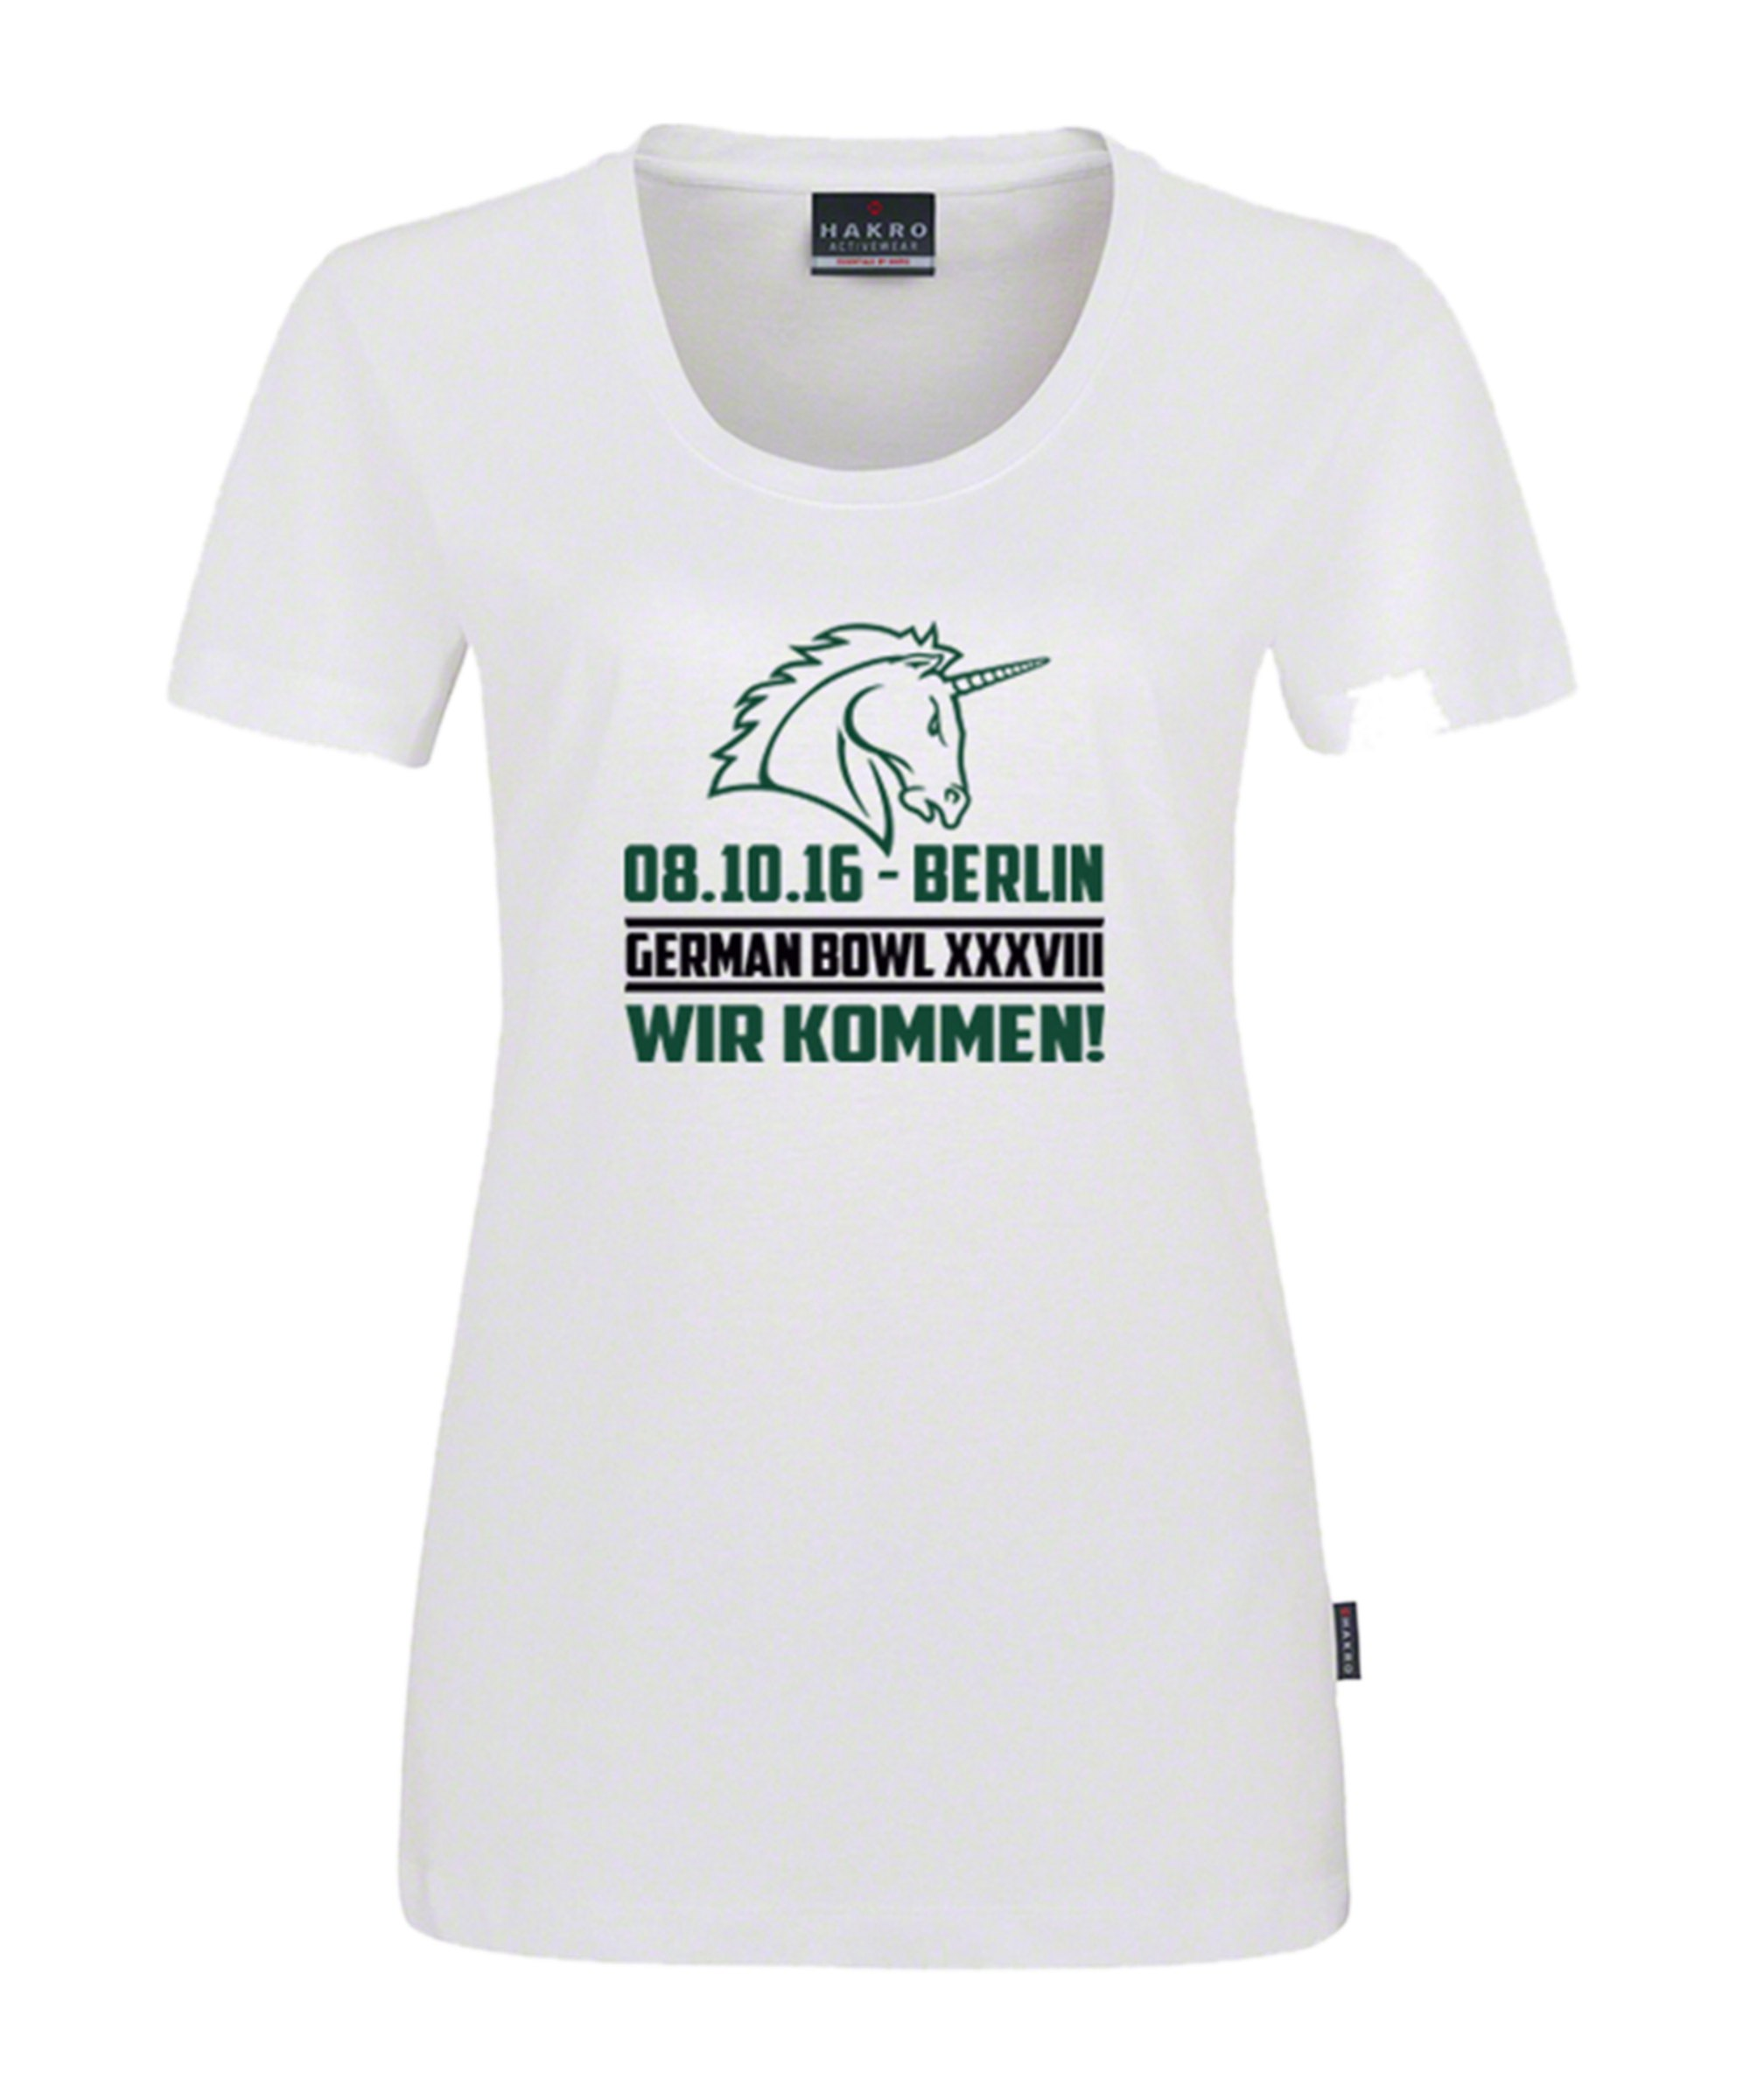 Unicorns T-Shirt Classic Damen German Bowl Weiss - weiss